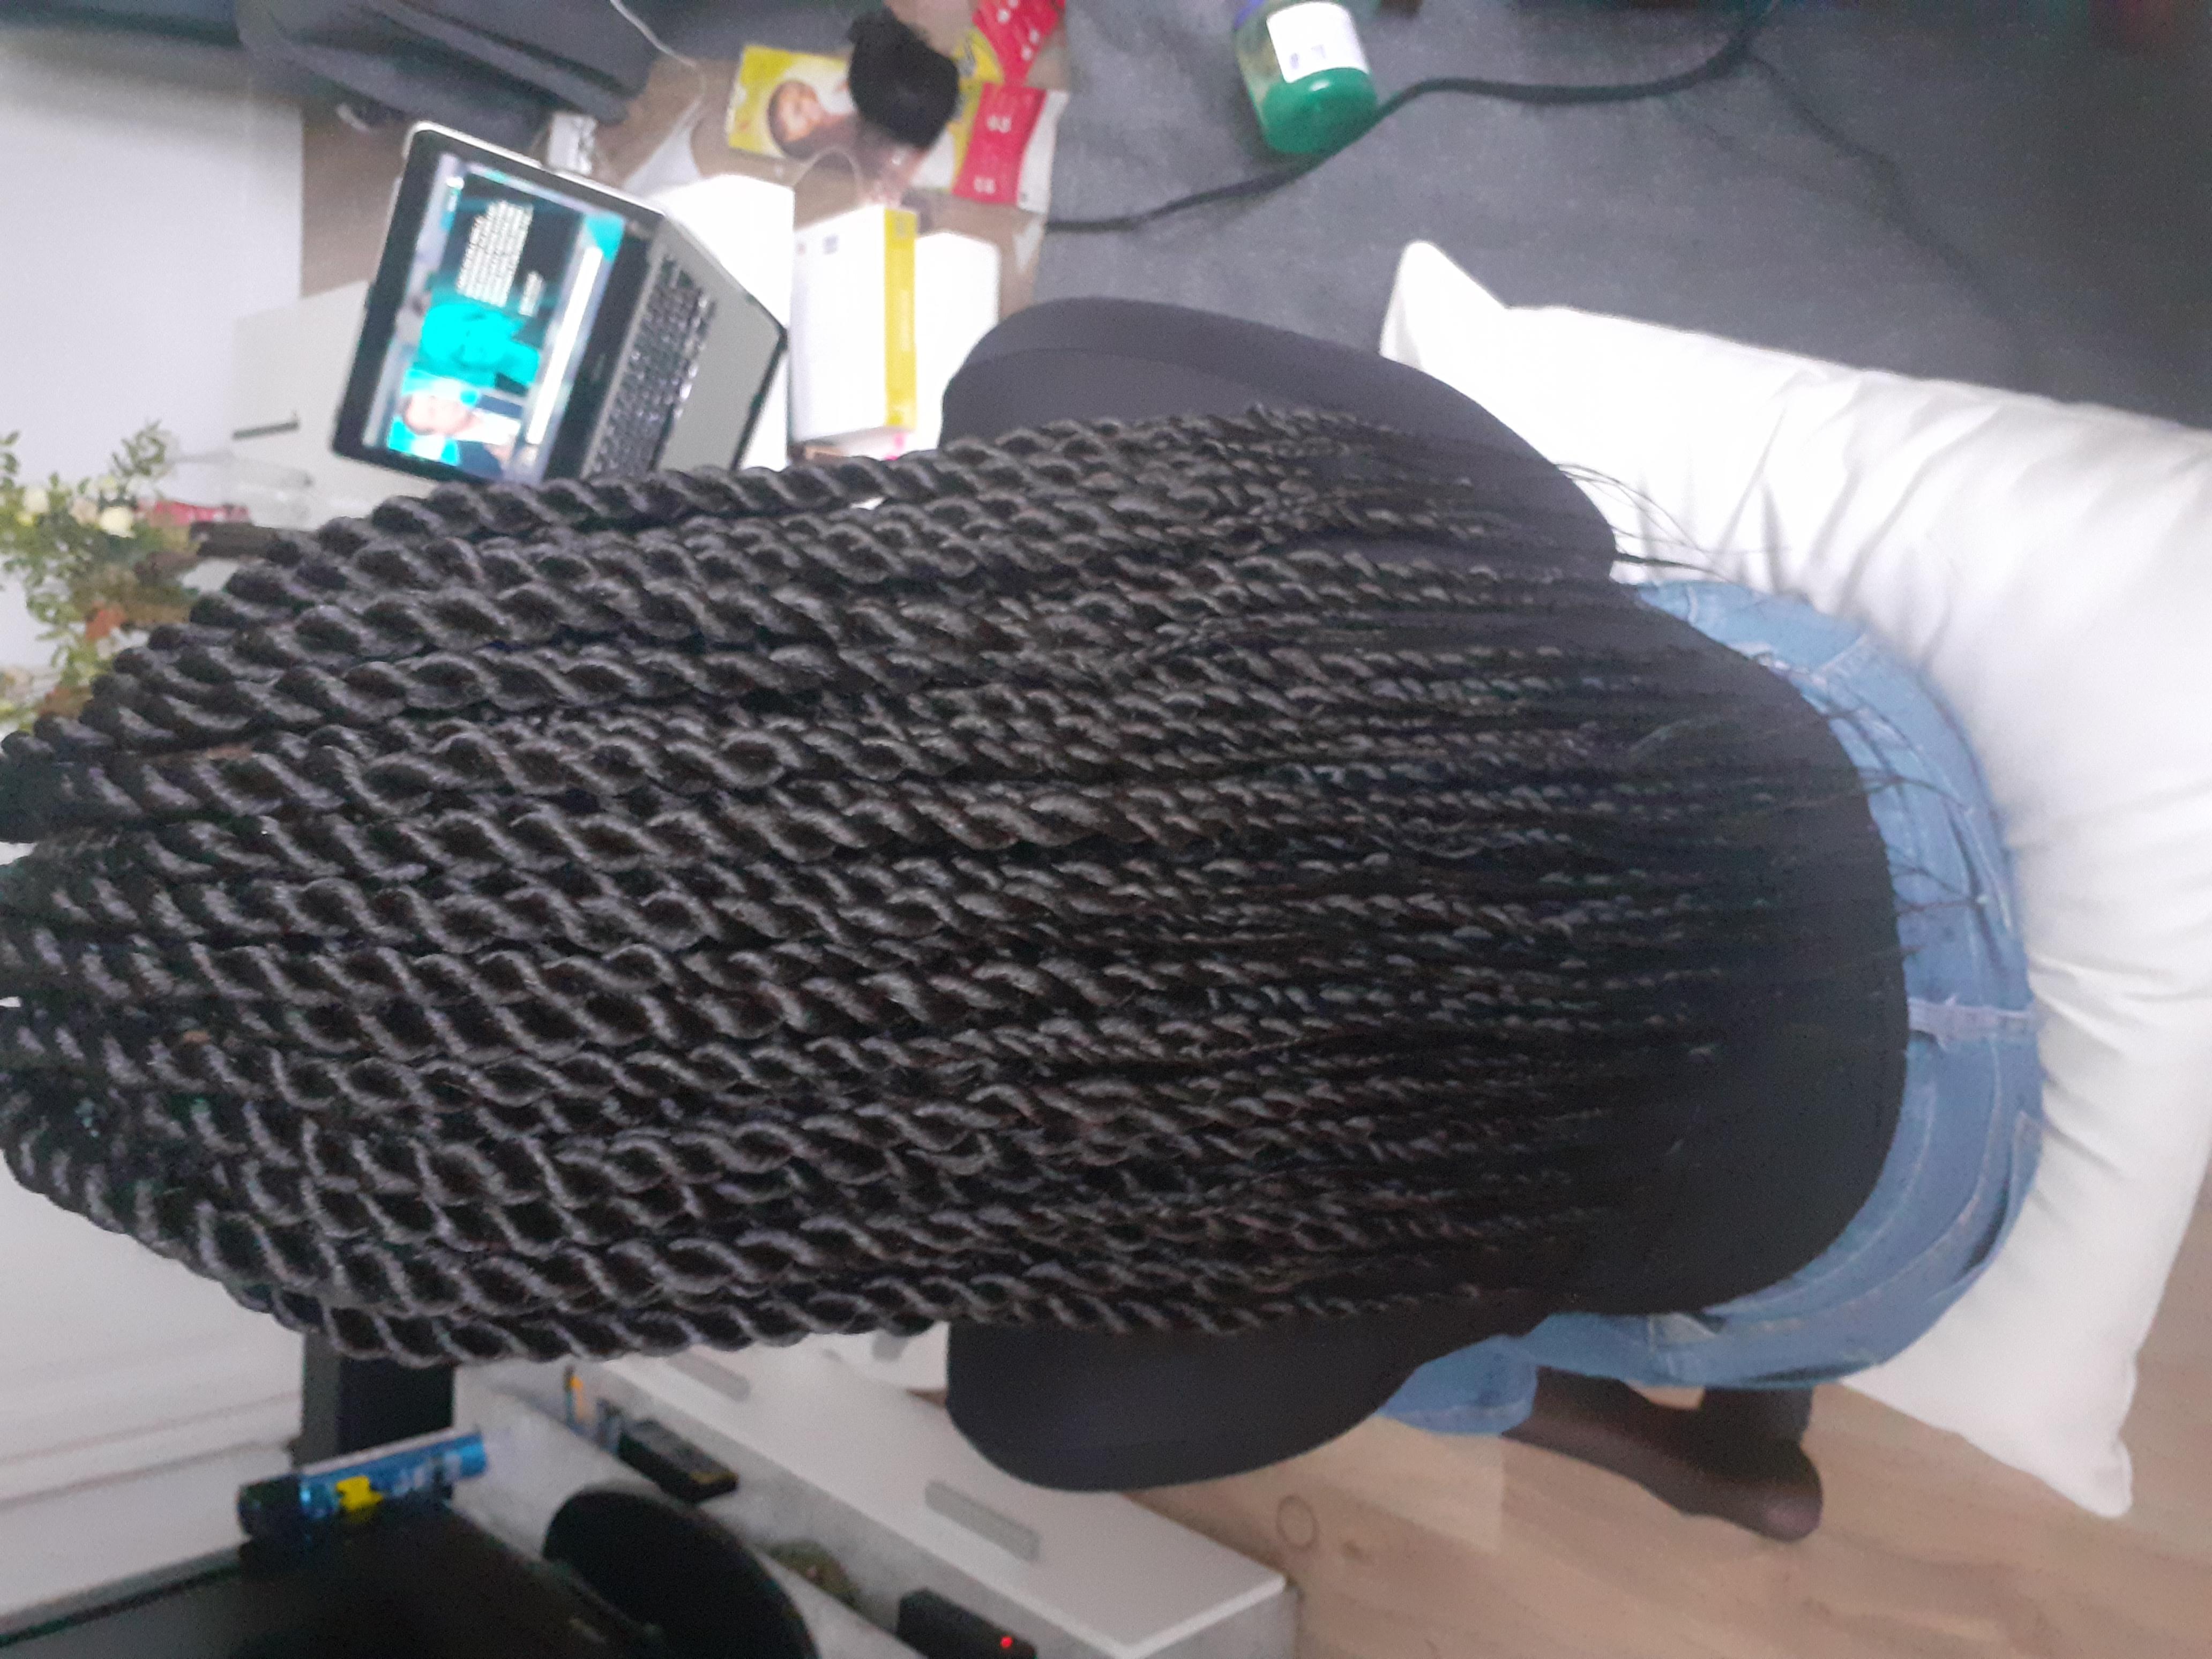 salon de coiffure afro tresse tresses box braids crochet braids vanilles tissages paris 75 77 78 91 92 93 94 95 HTHYKLMV